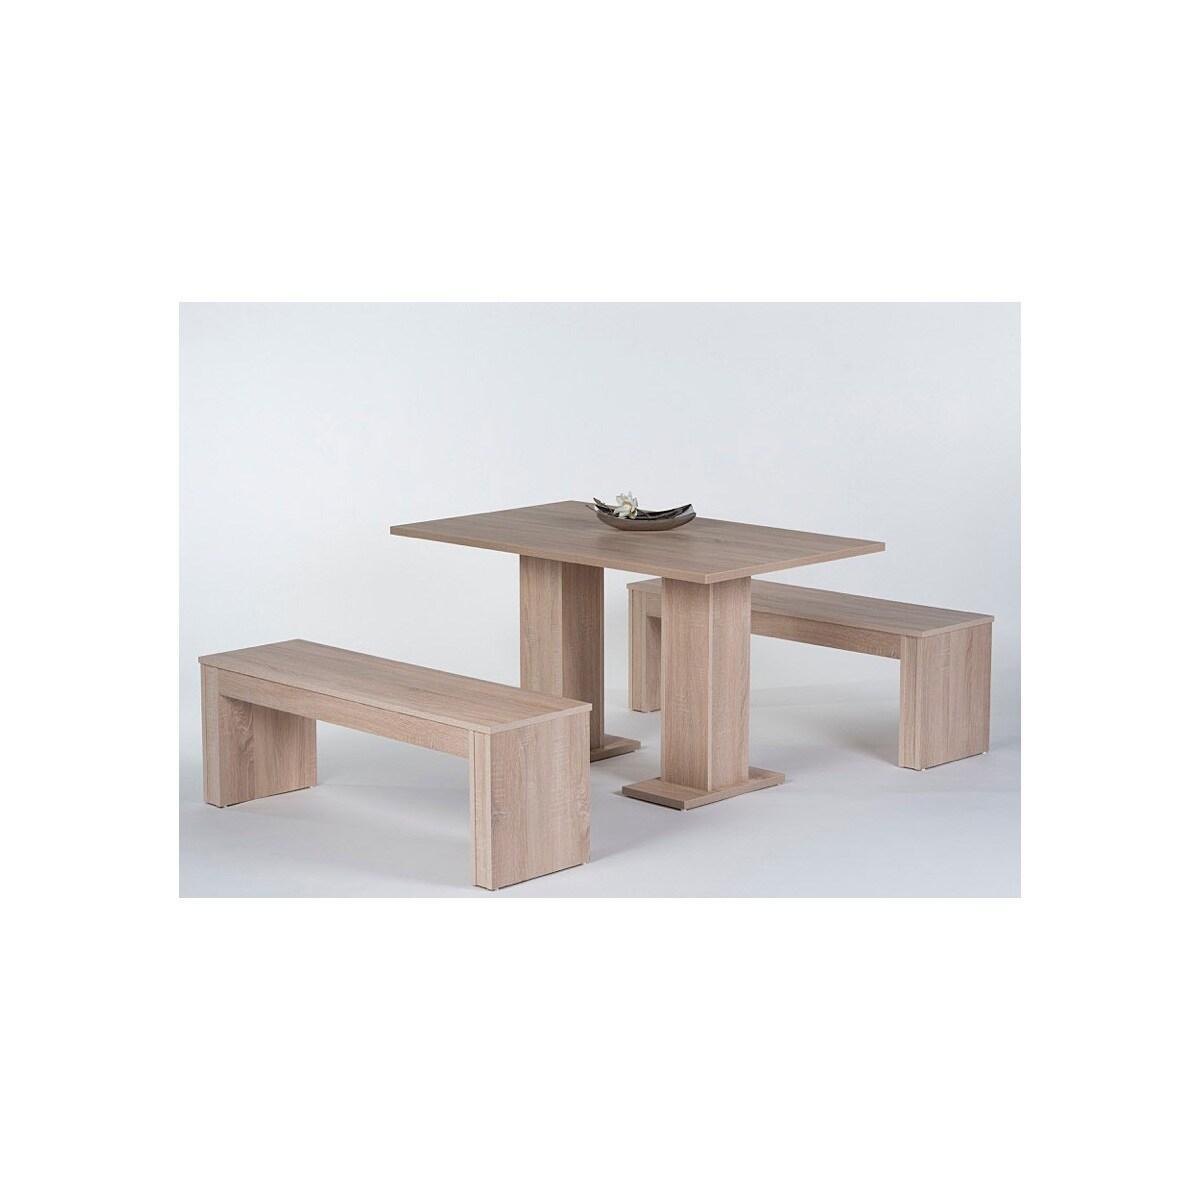 tischgruppe eiche s gerau essgruppen esszimmer wohnen m bel boss. Black Bedroom Furniture Sets. Home Design Ideas